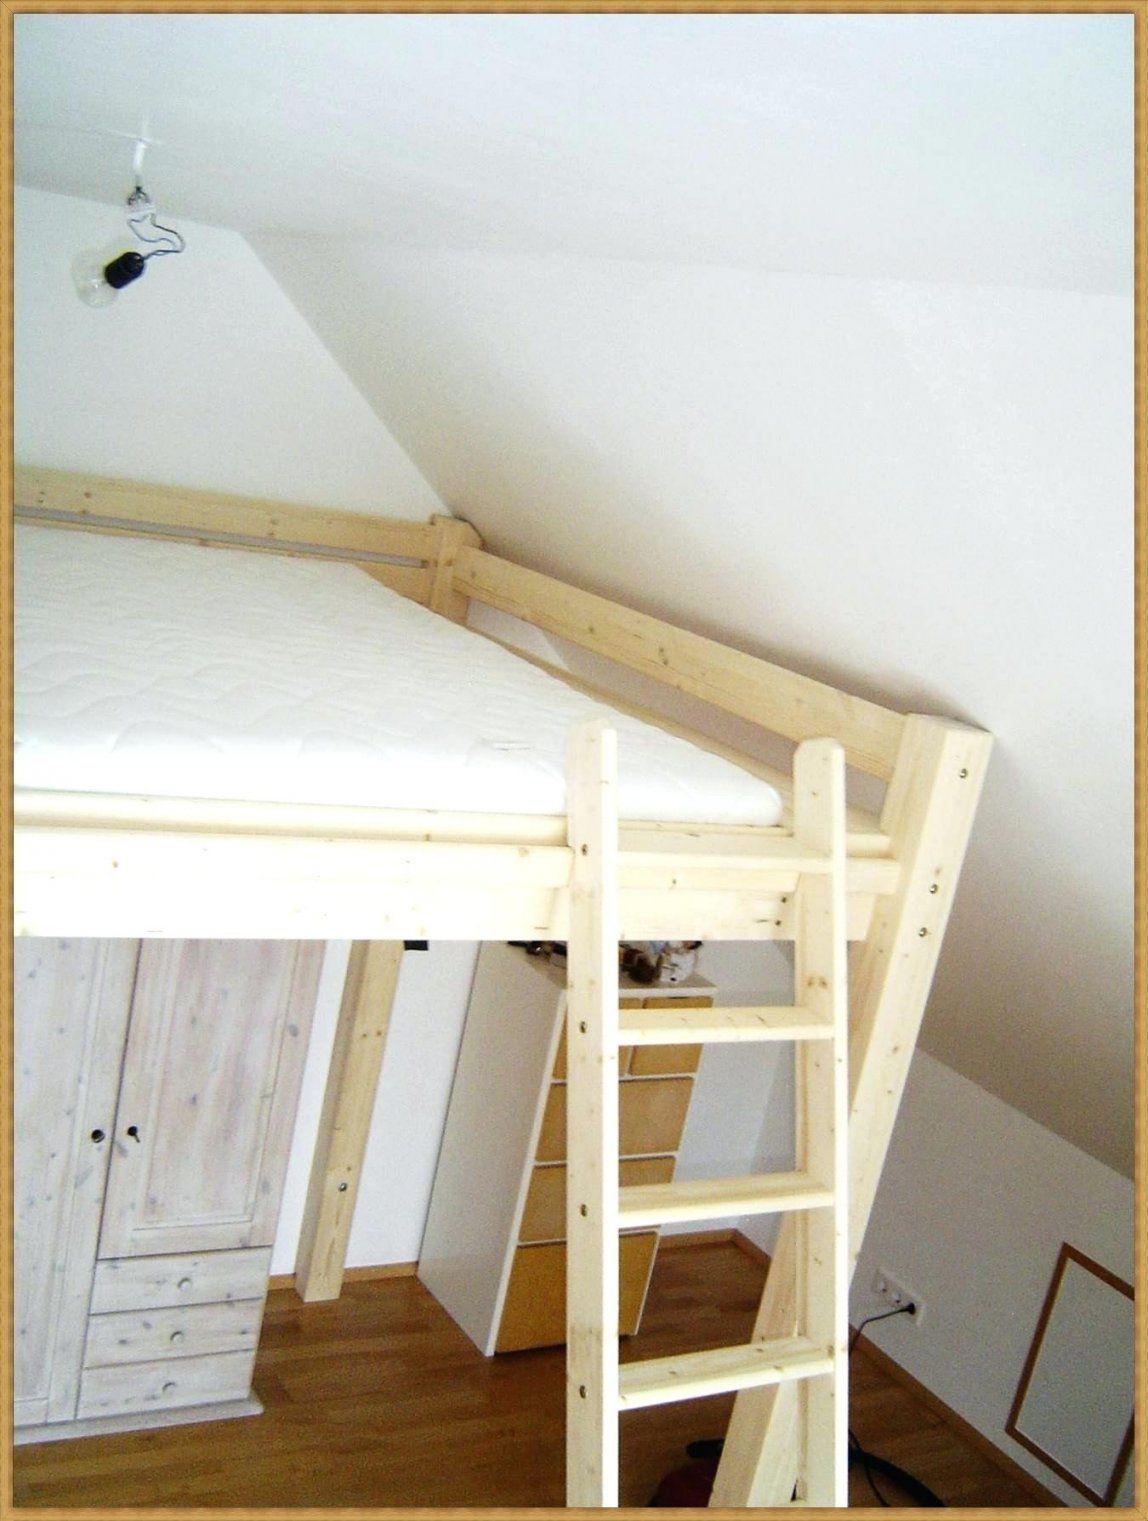 hochbett bauen bett altbau daredevz die selber besten und tolle von hochbett selber bauen altbau. Black Bedroom Furniture Sets. Home Design Ideas